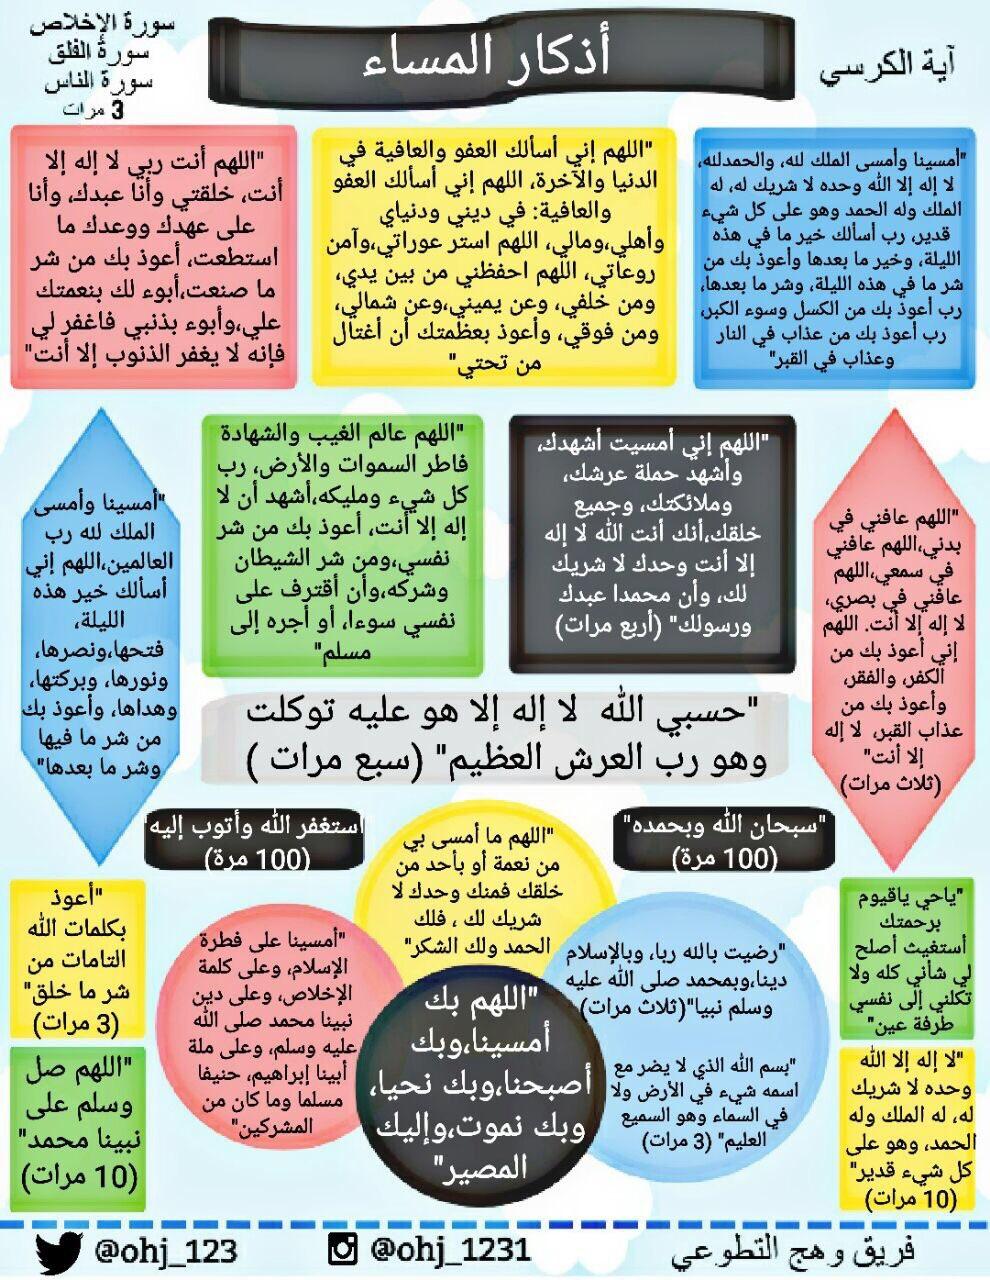 اذكار الصباح والمساء - عالم حواء